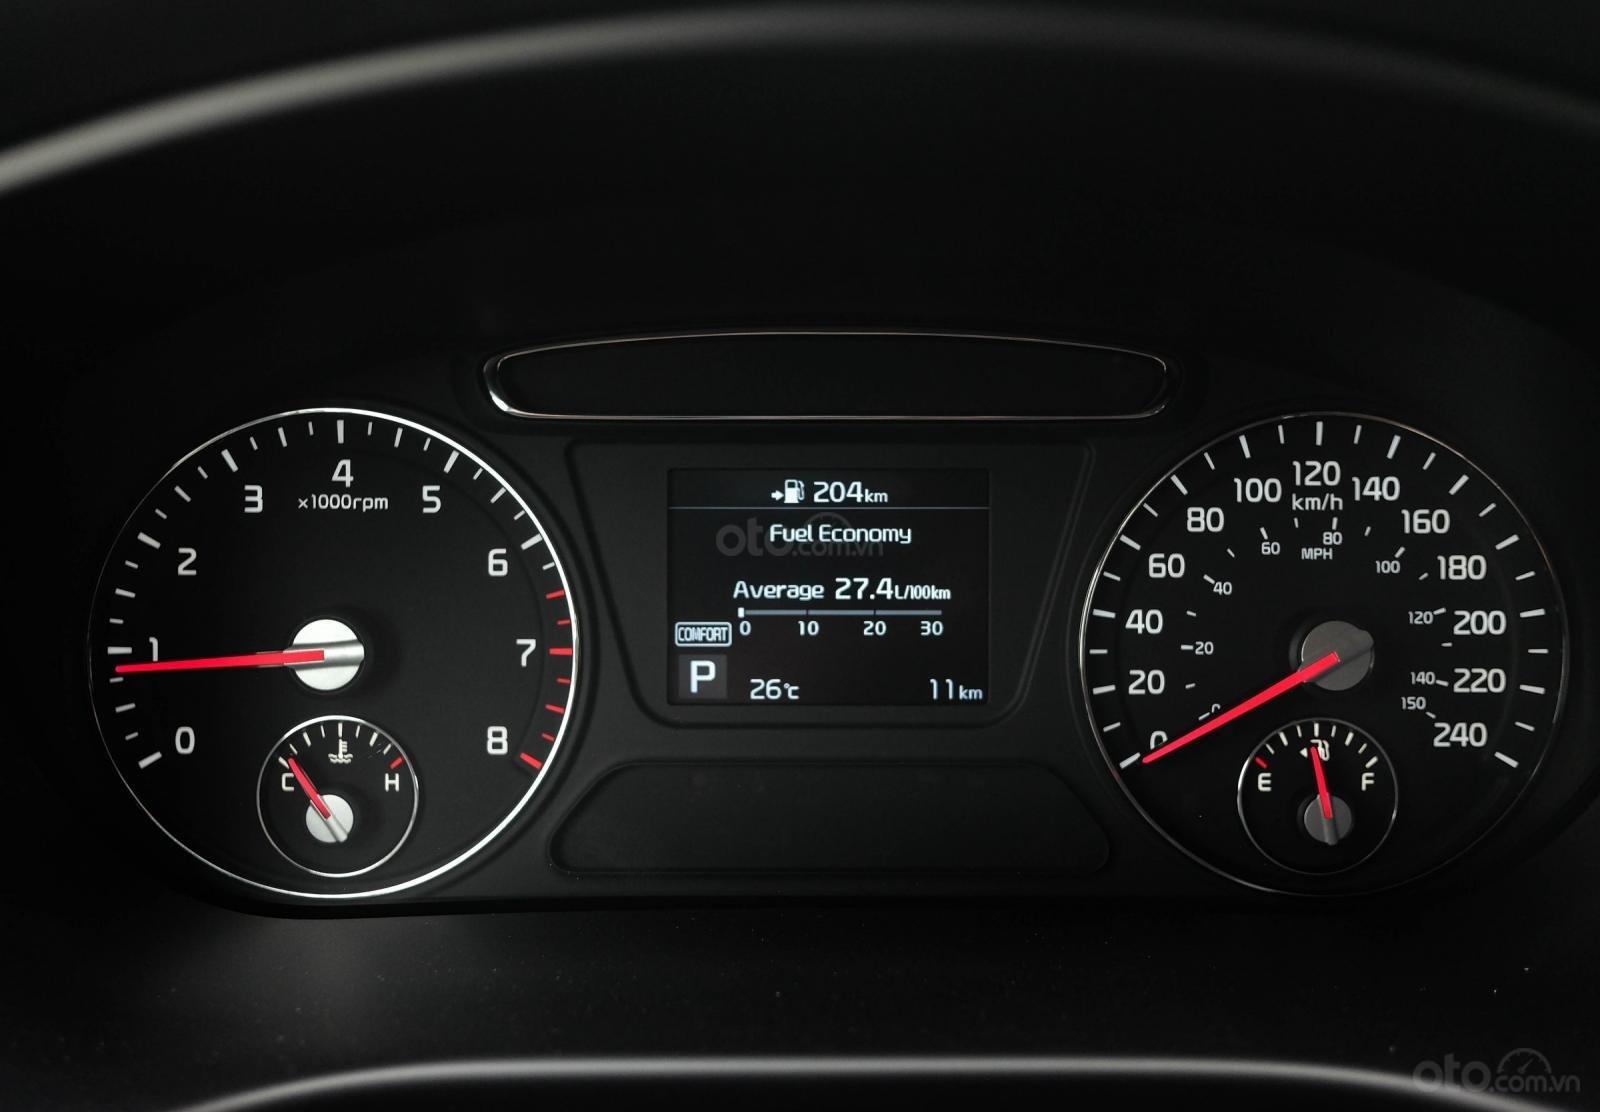 Đánh giá xe Kia Sorento 2019 về hiệu suất nhiên liệu - Sẽ tiêu tốn hơn trước